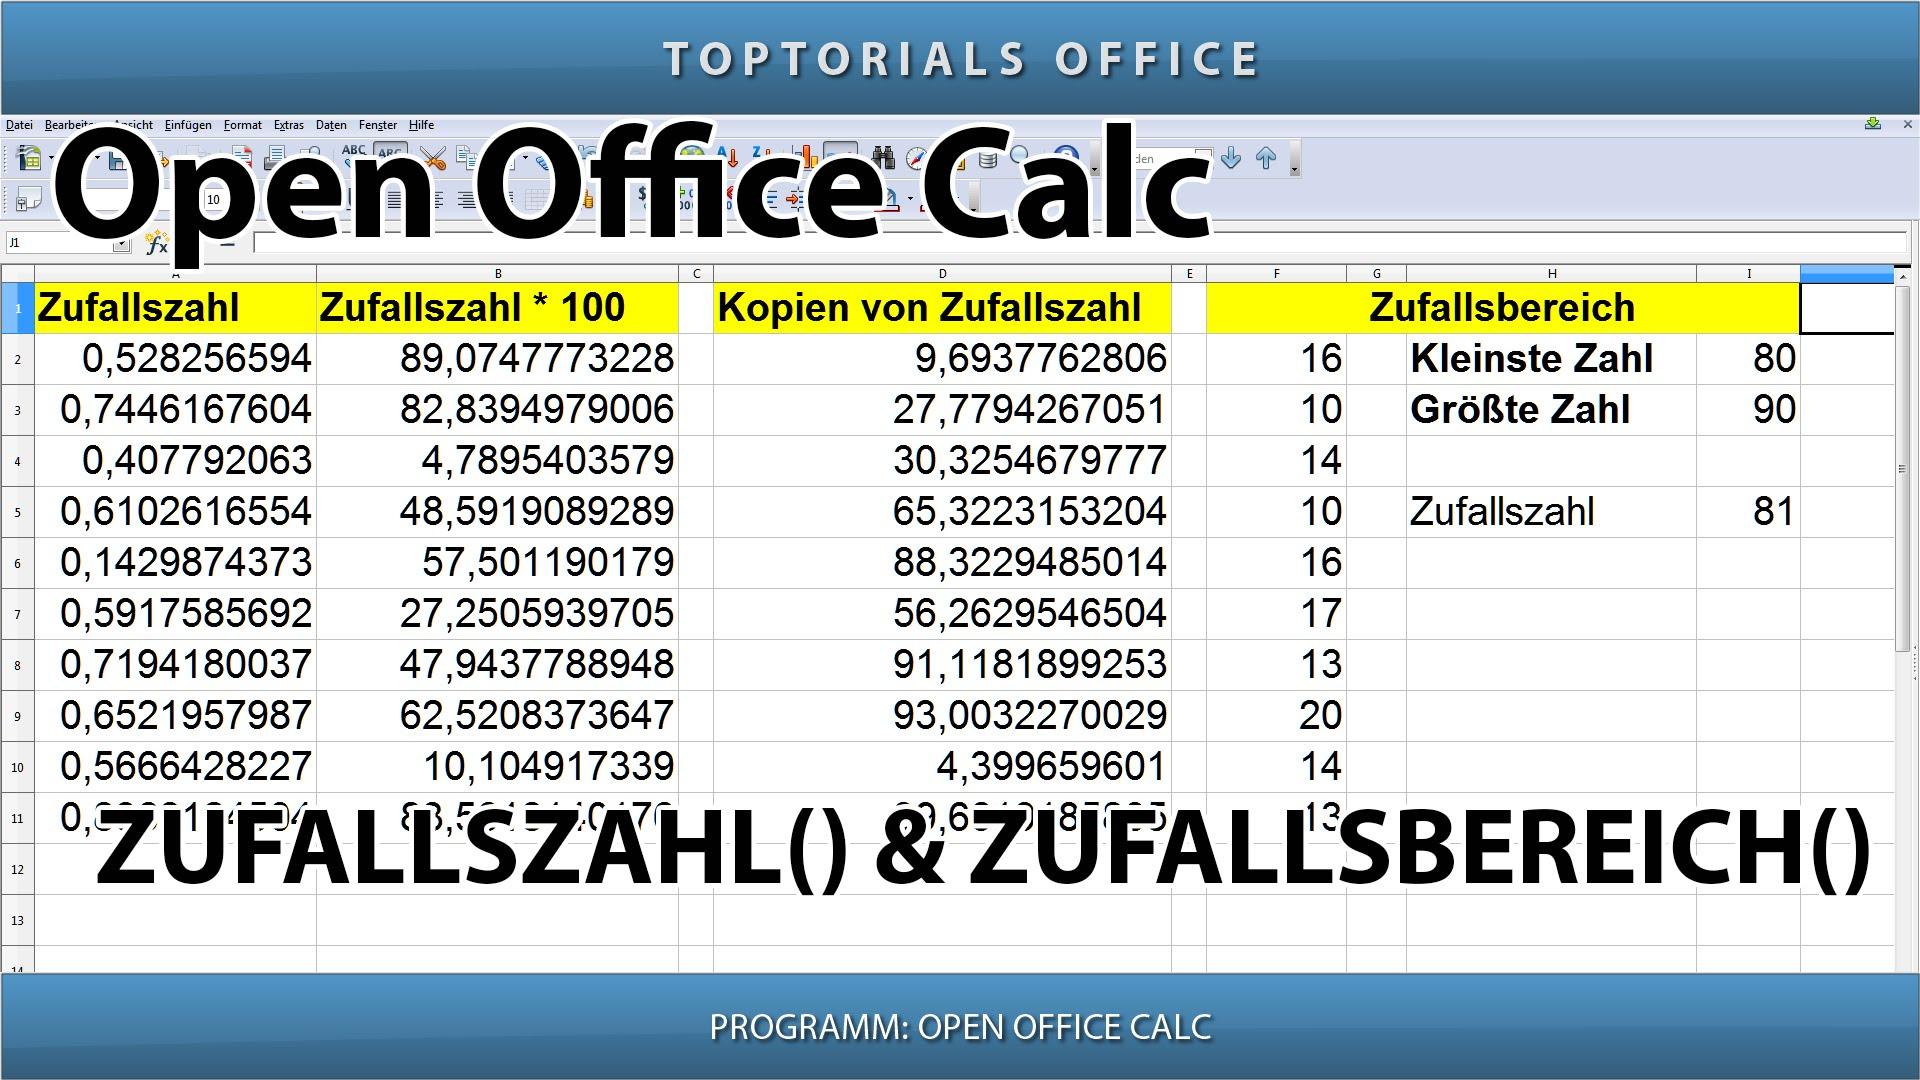 Zufallszahl generieren mit zufallszahl und zufallsbereich for Tabelle open office